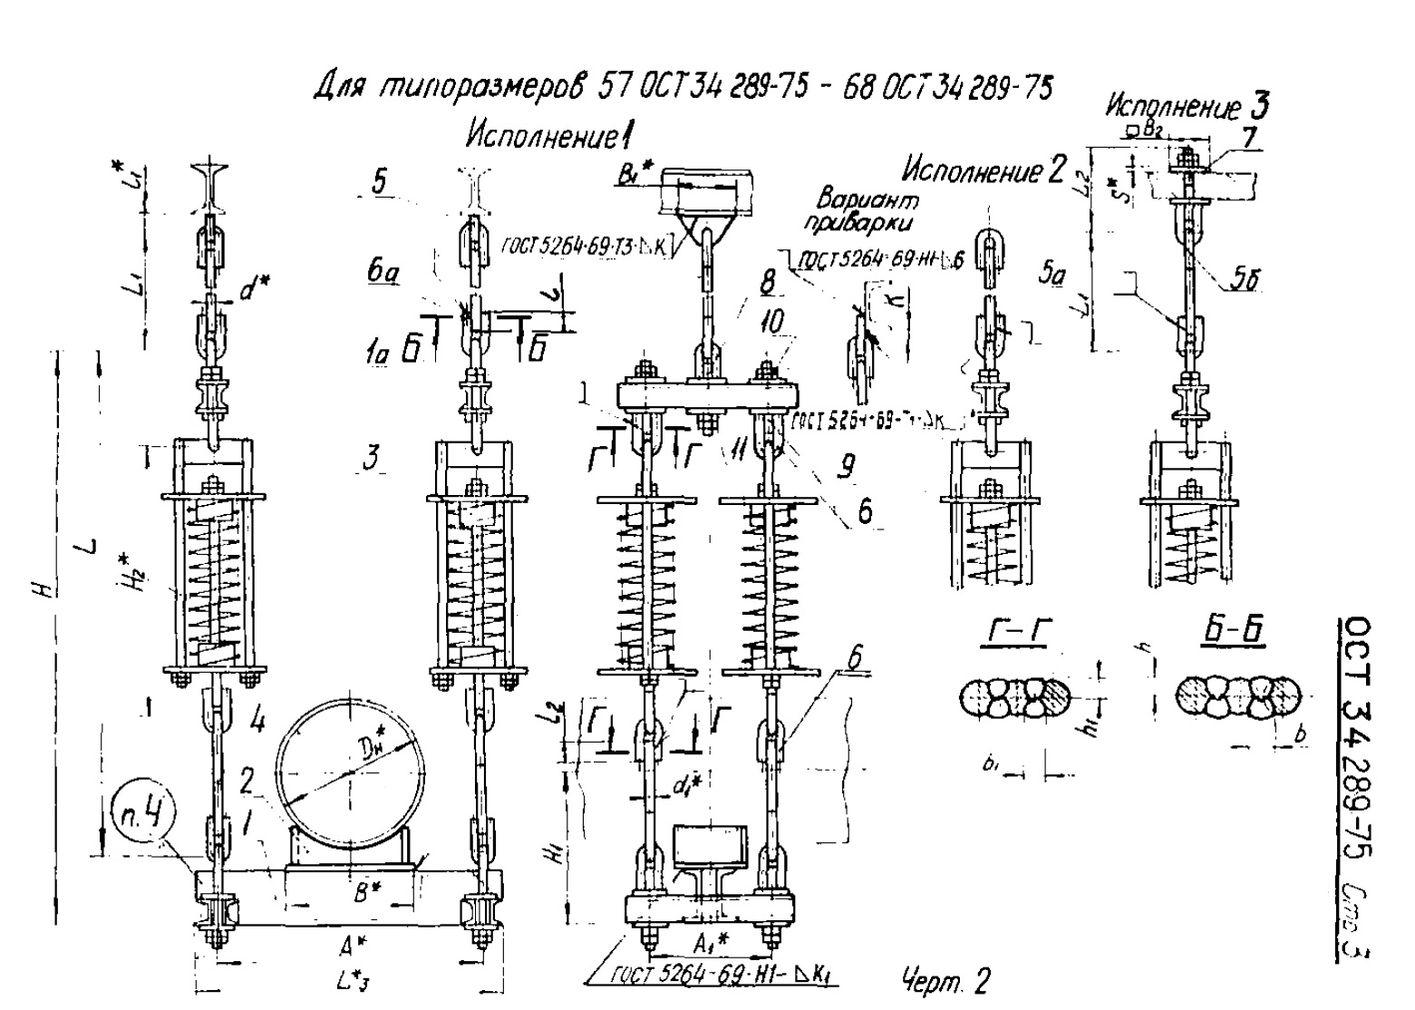 Подвески пружинные на двух и четырех тягах ОСТ 34 289-75 стр.3